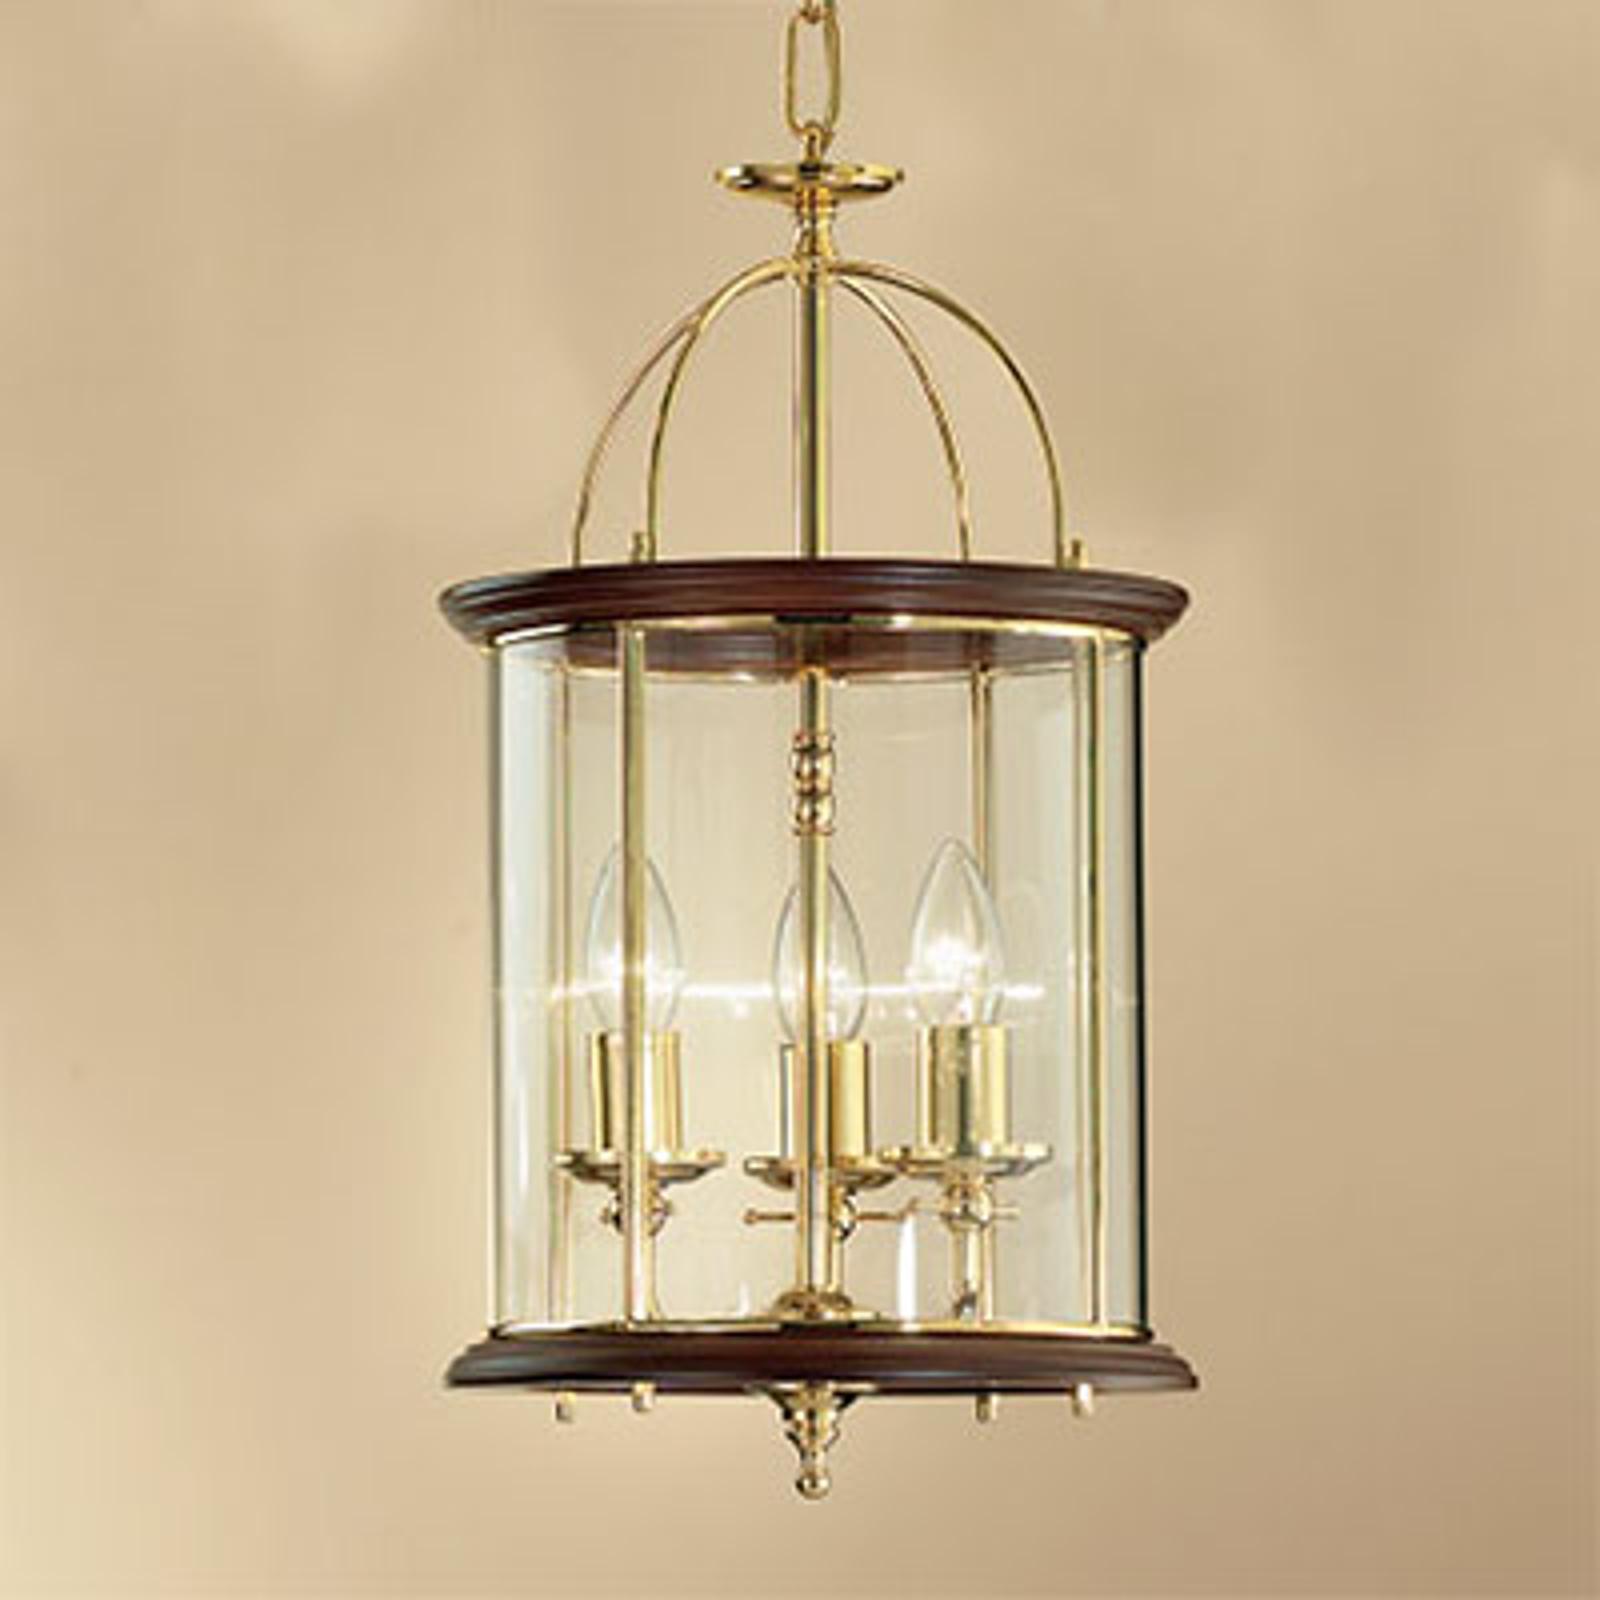 Lampa wisząca o estetycznym kształcie Grazie